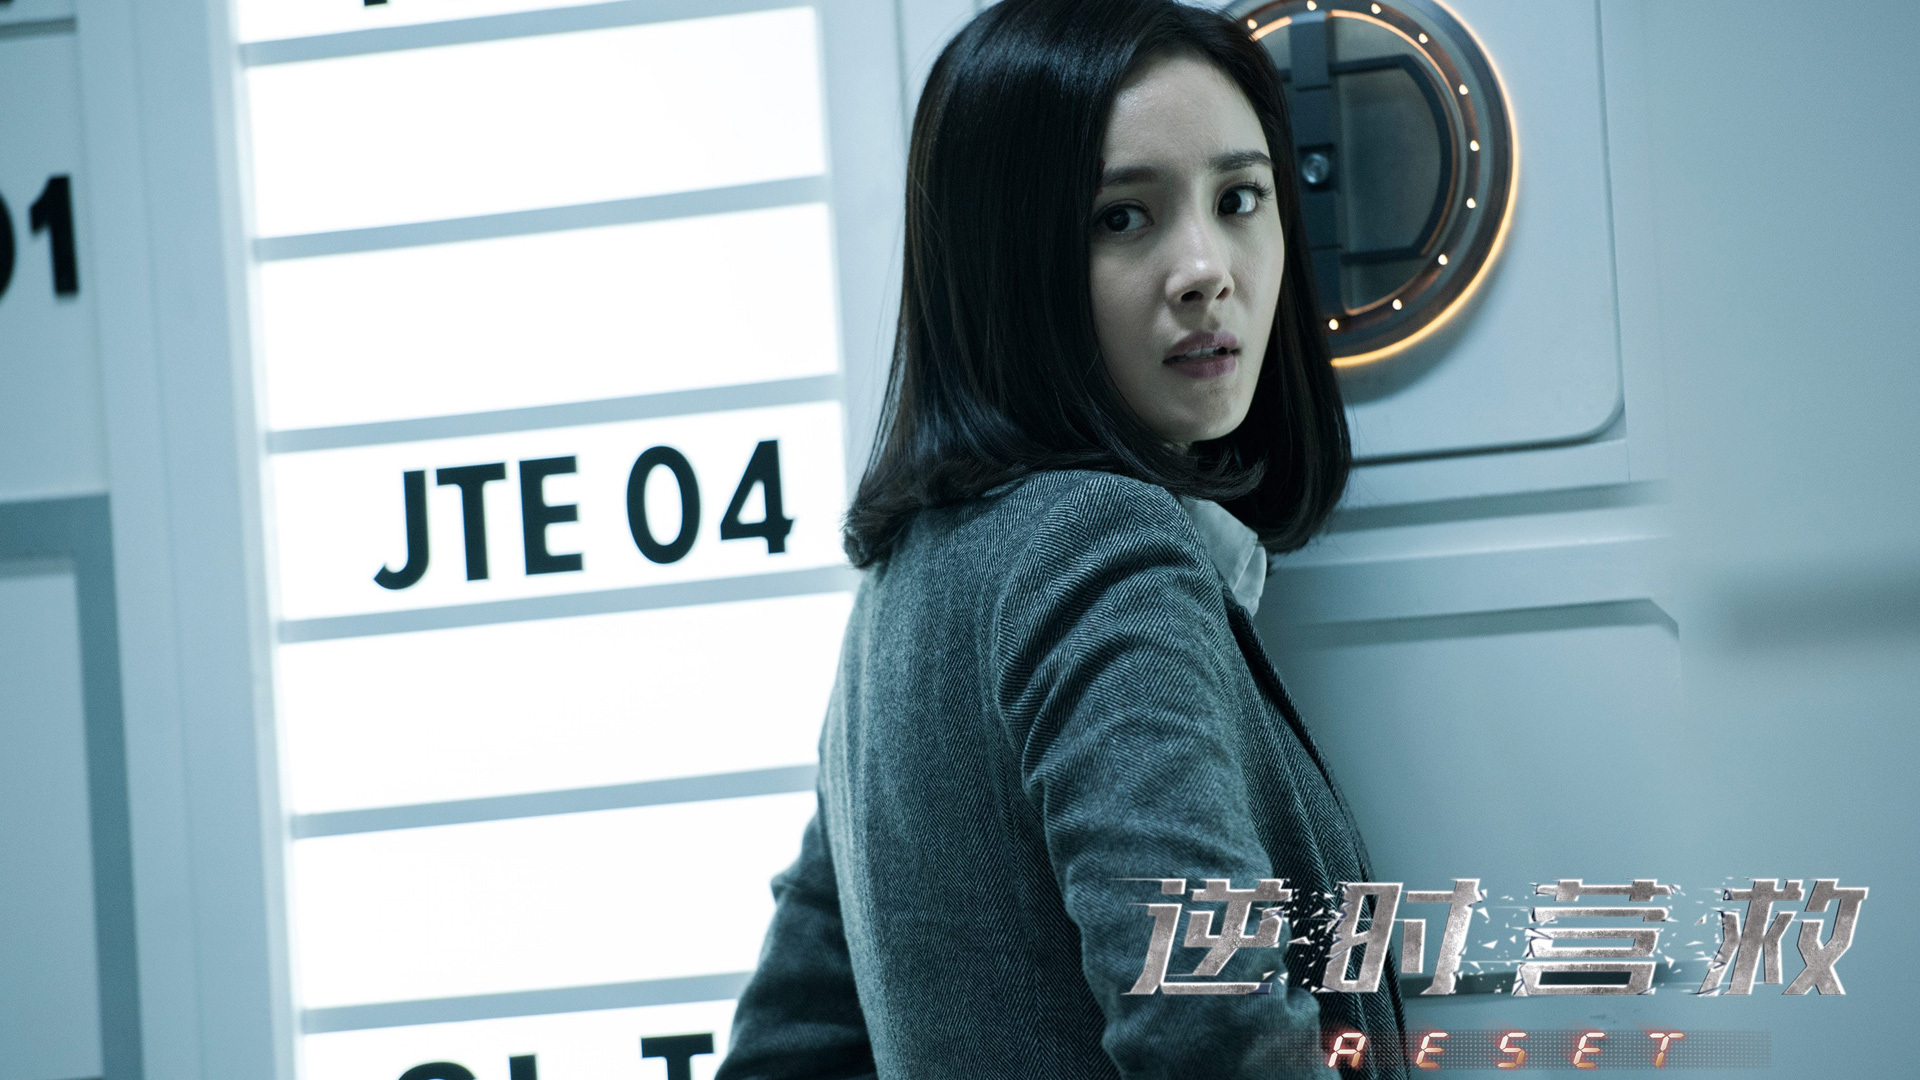 海扁王2电影高清_海扁王2 海扁王2 - 电影 - 高清在线观看 - 腾讯视频